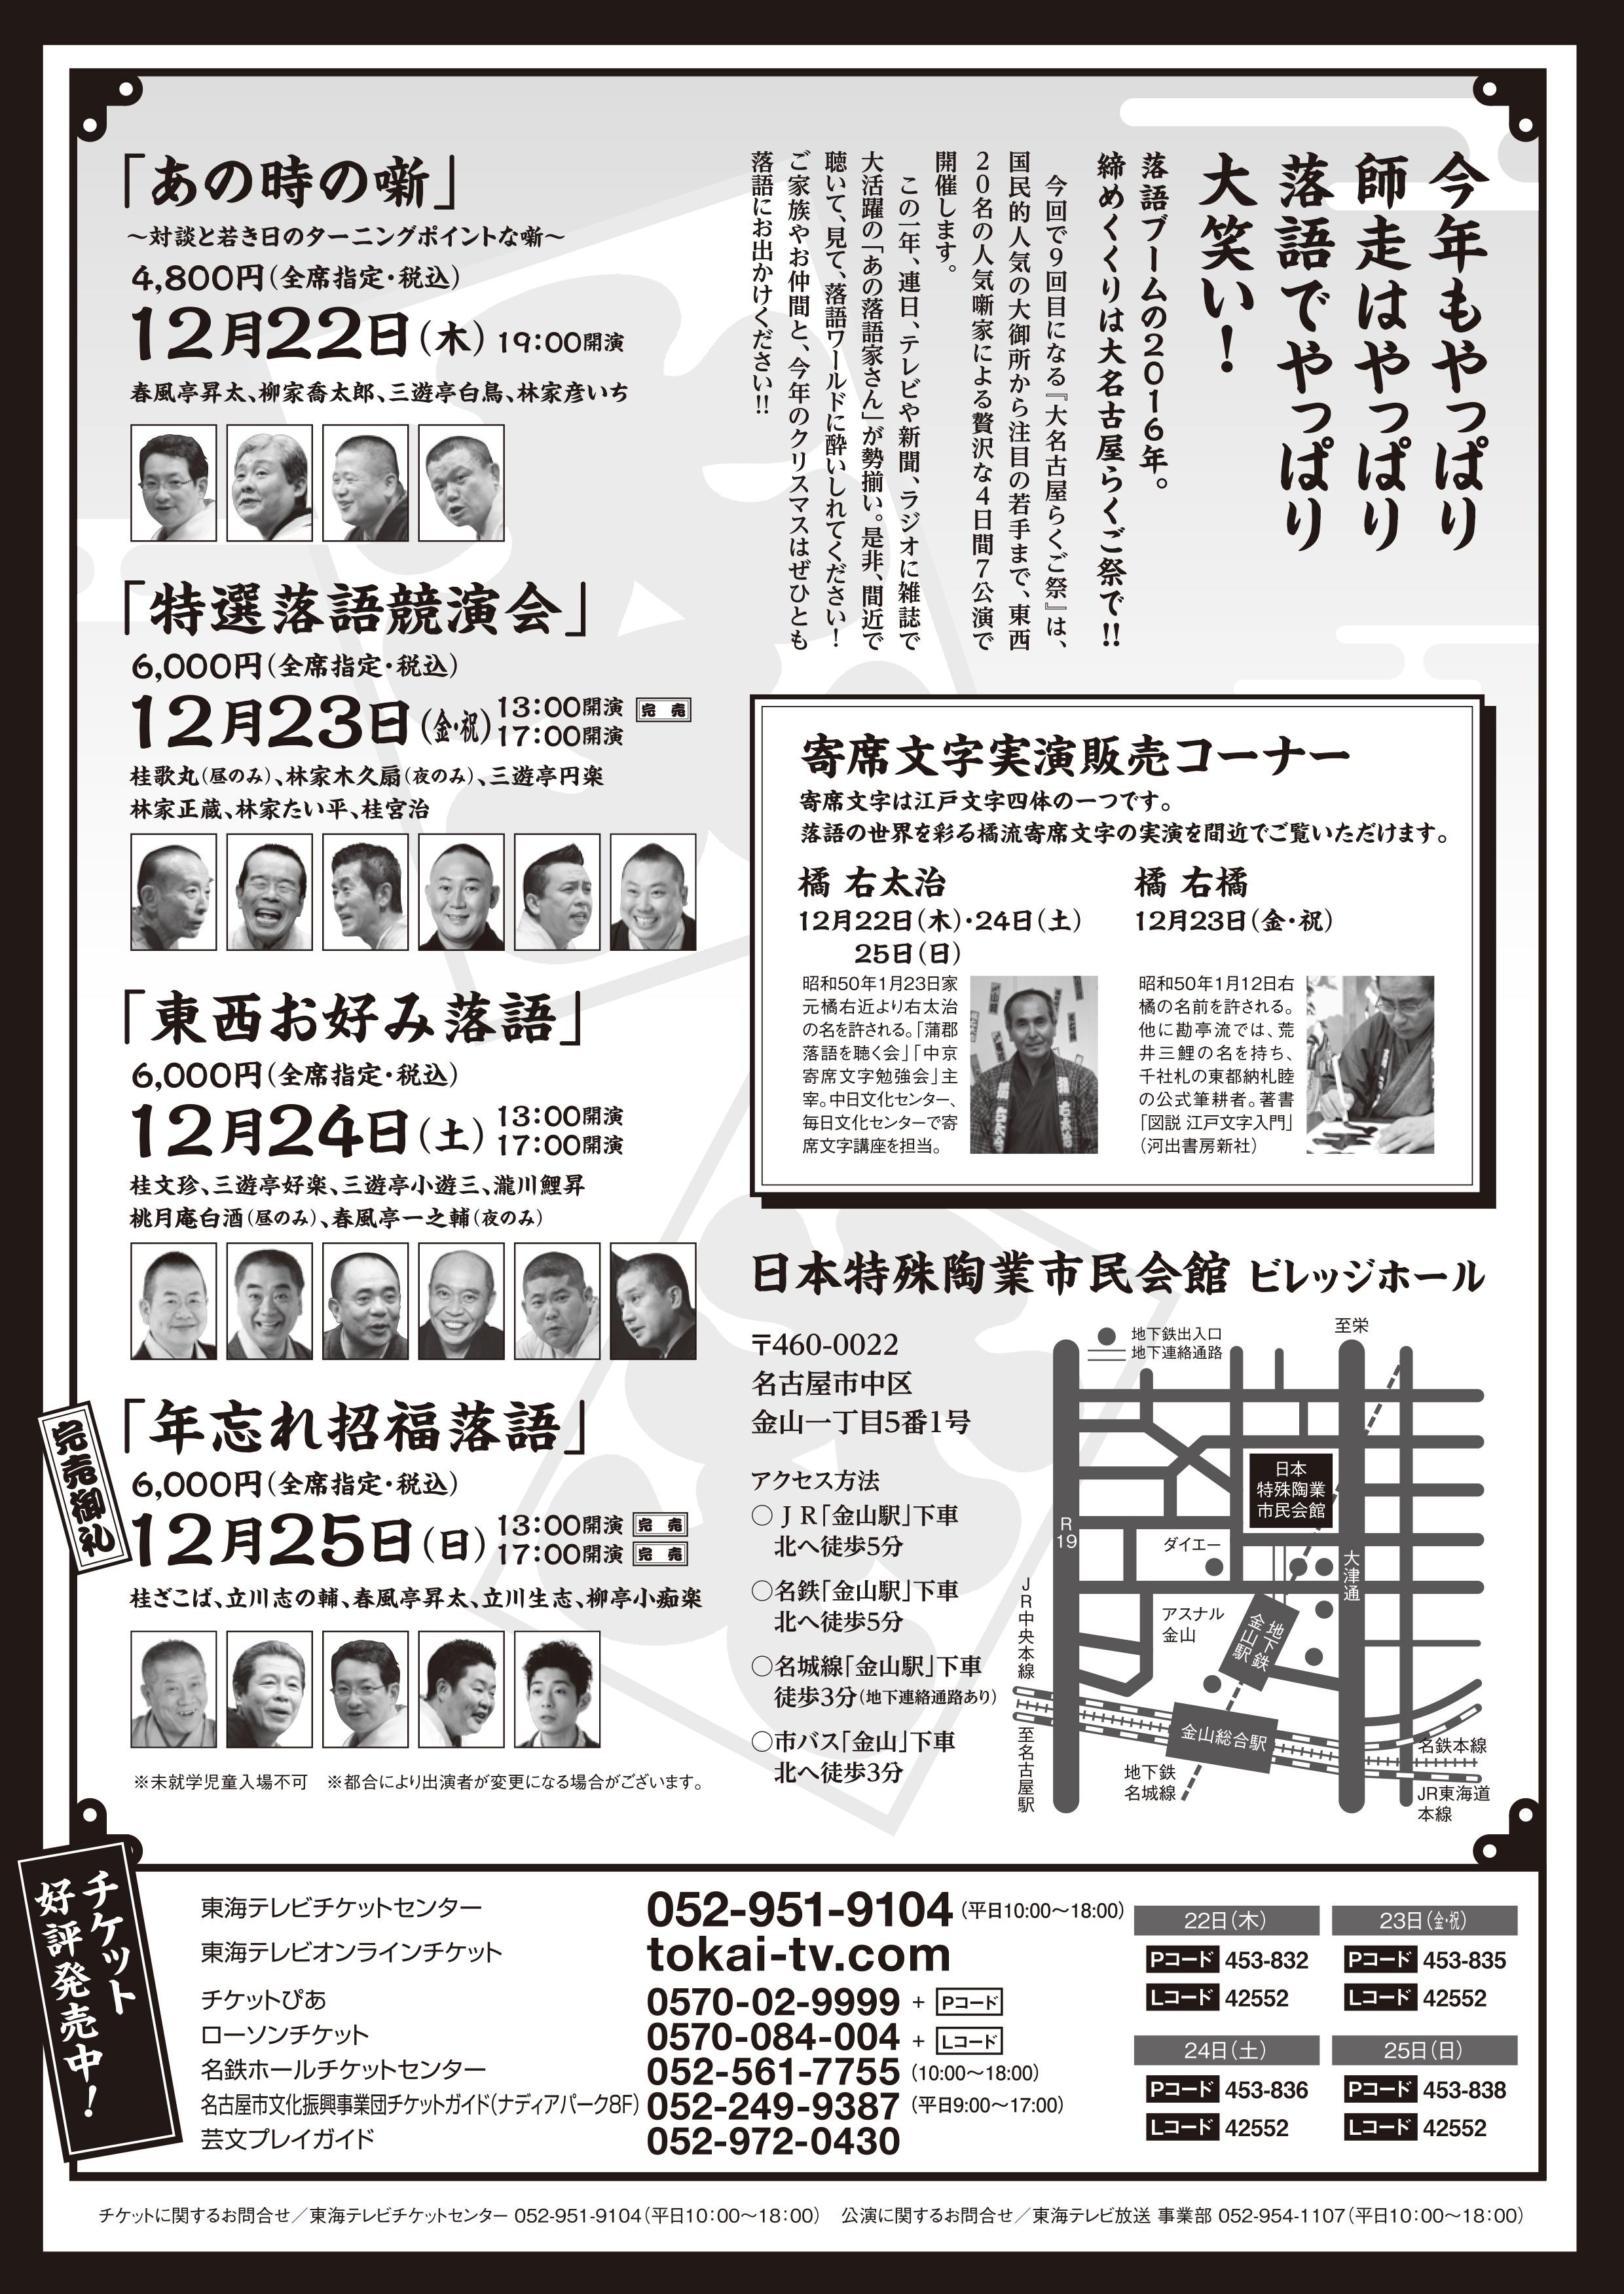 dainagoyarakugo2016-2.jpg